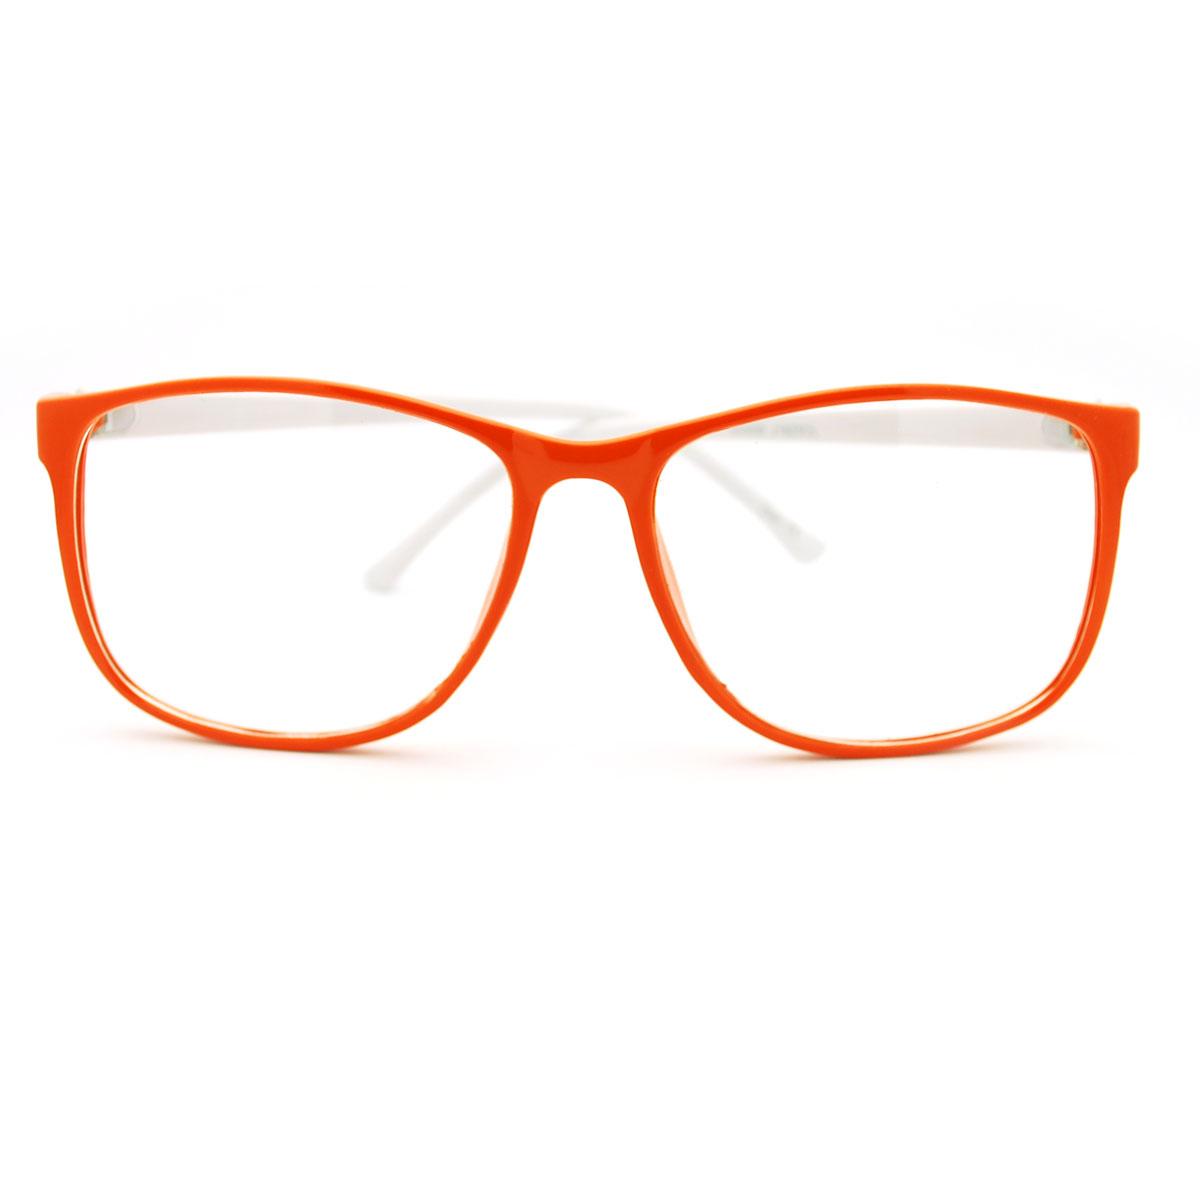 Large Rectangular Glasses Frame : Retro Style nerdy Thin Plastic Frame Large Rectangular ...